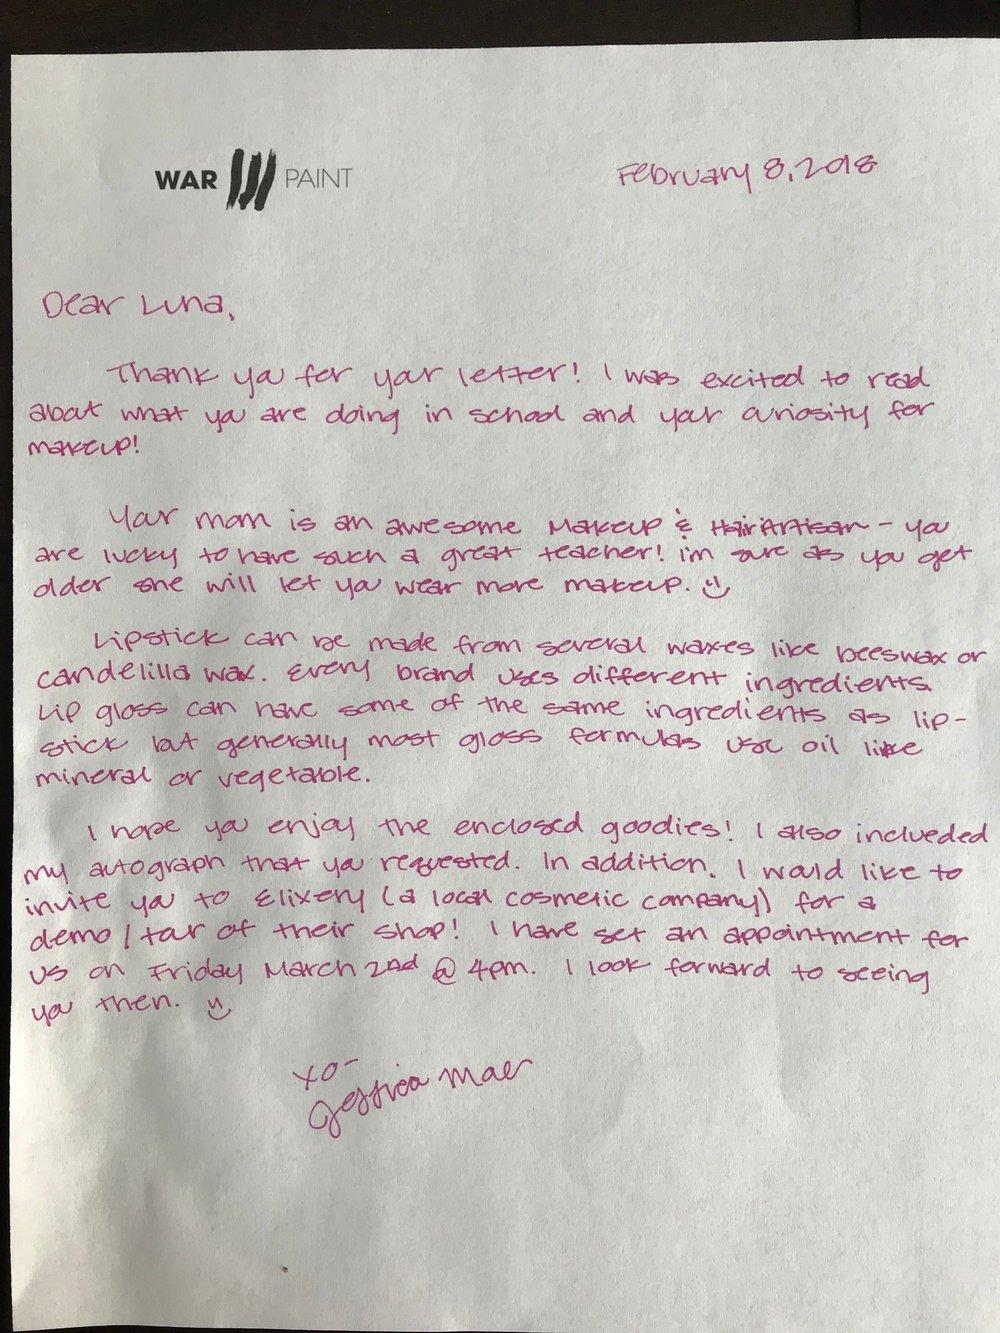 Jessica Mae's letter to Luna